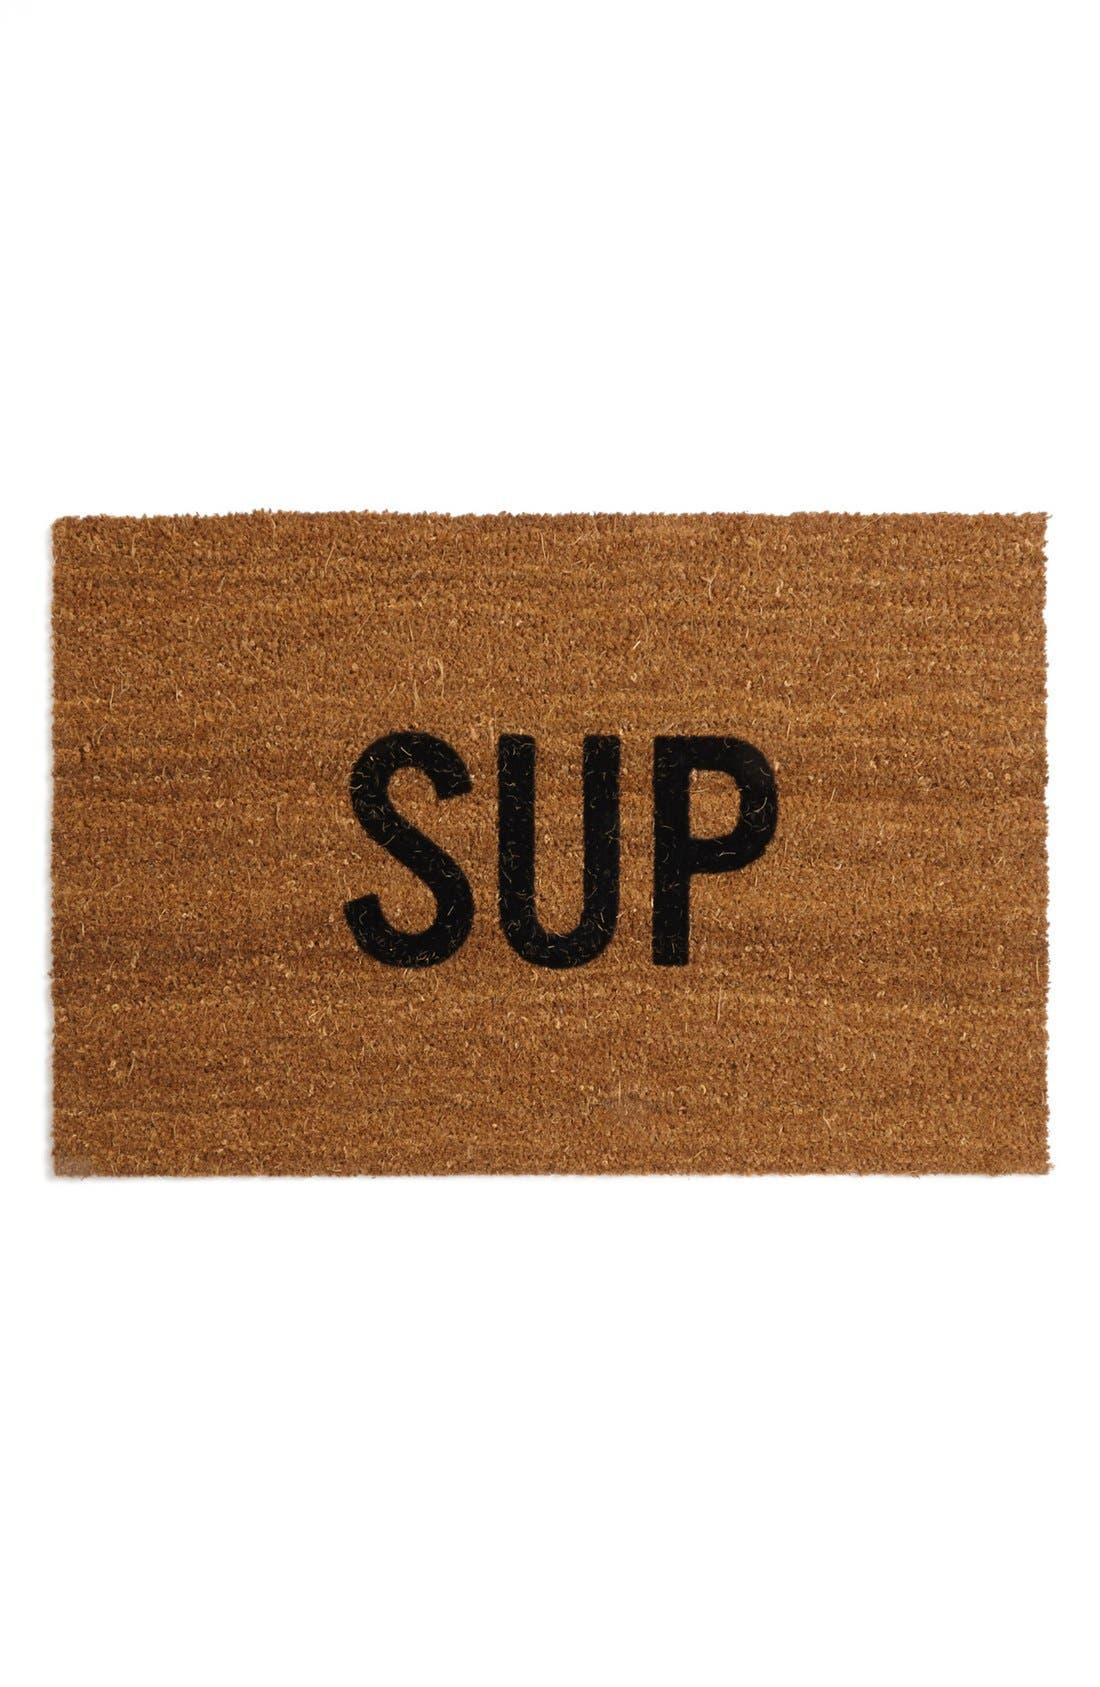 REED WILSON DESIGN 'Sup' Doormat, Main, color, 200